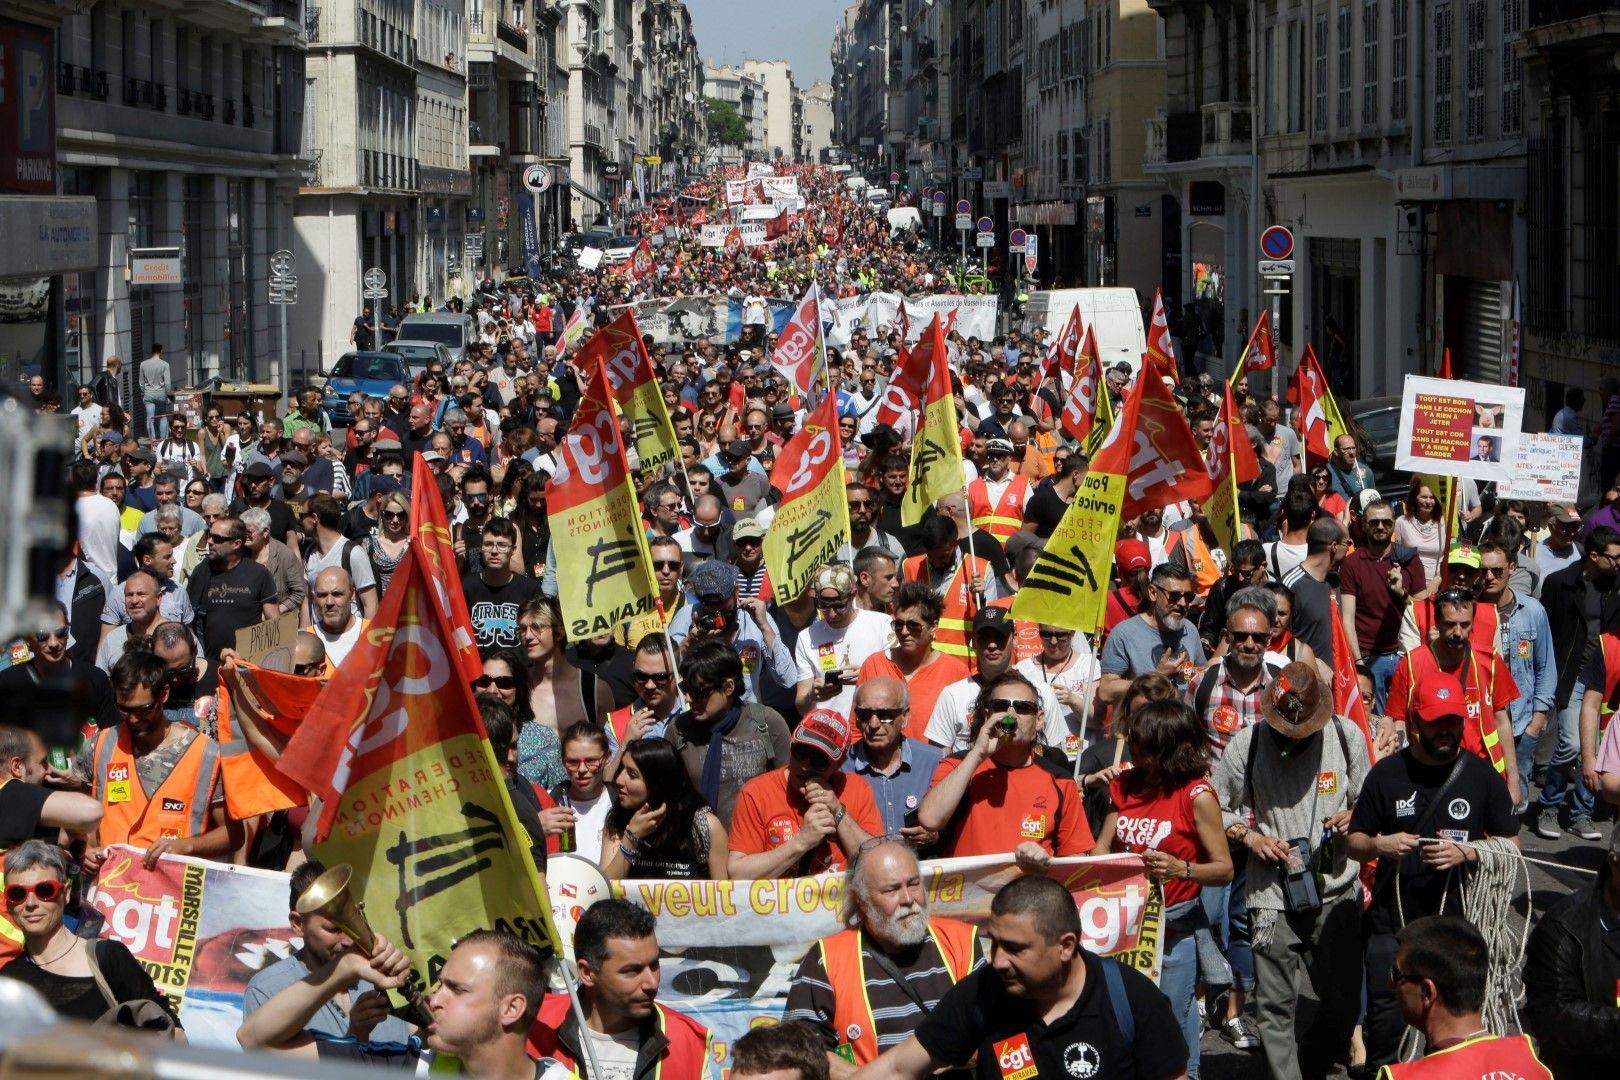 Във Франция стачкуват срещу реформите на президента Макрон